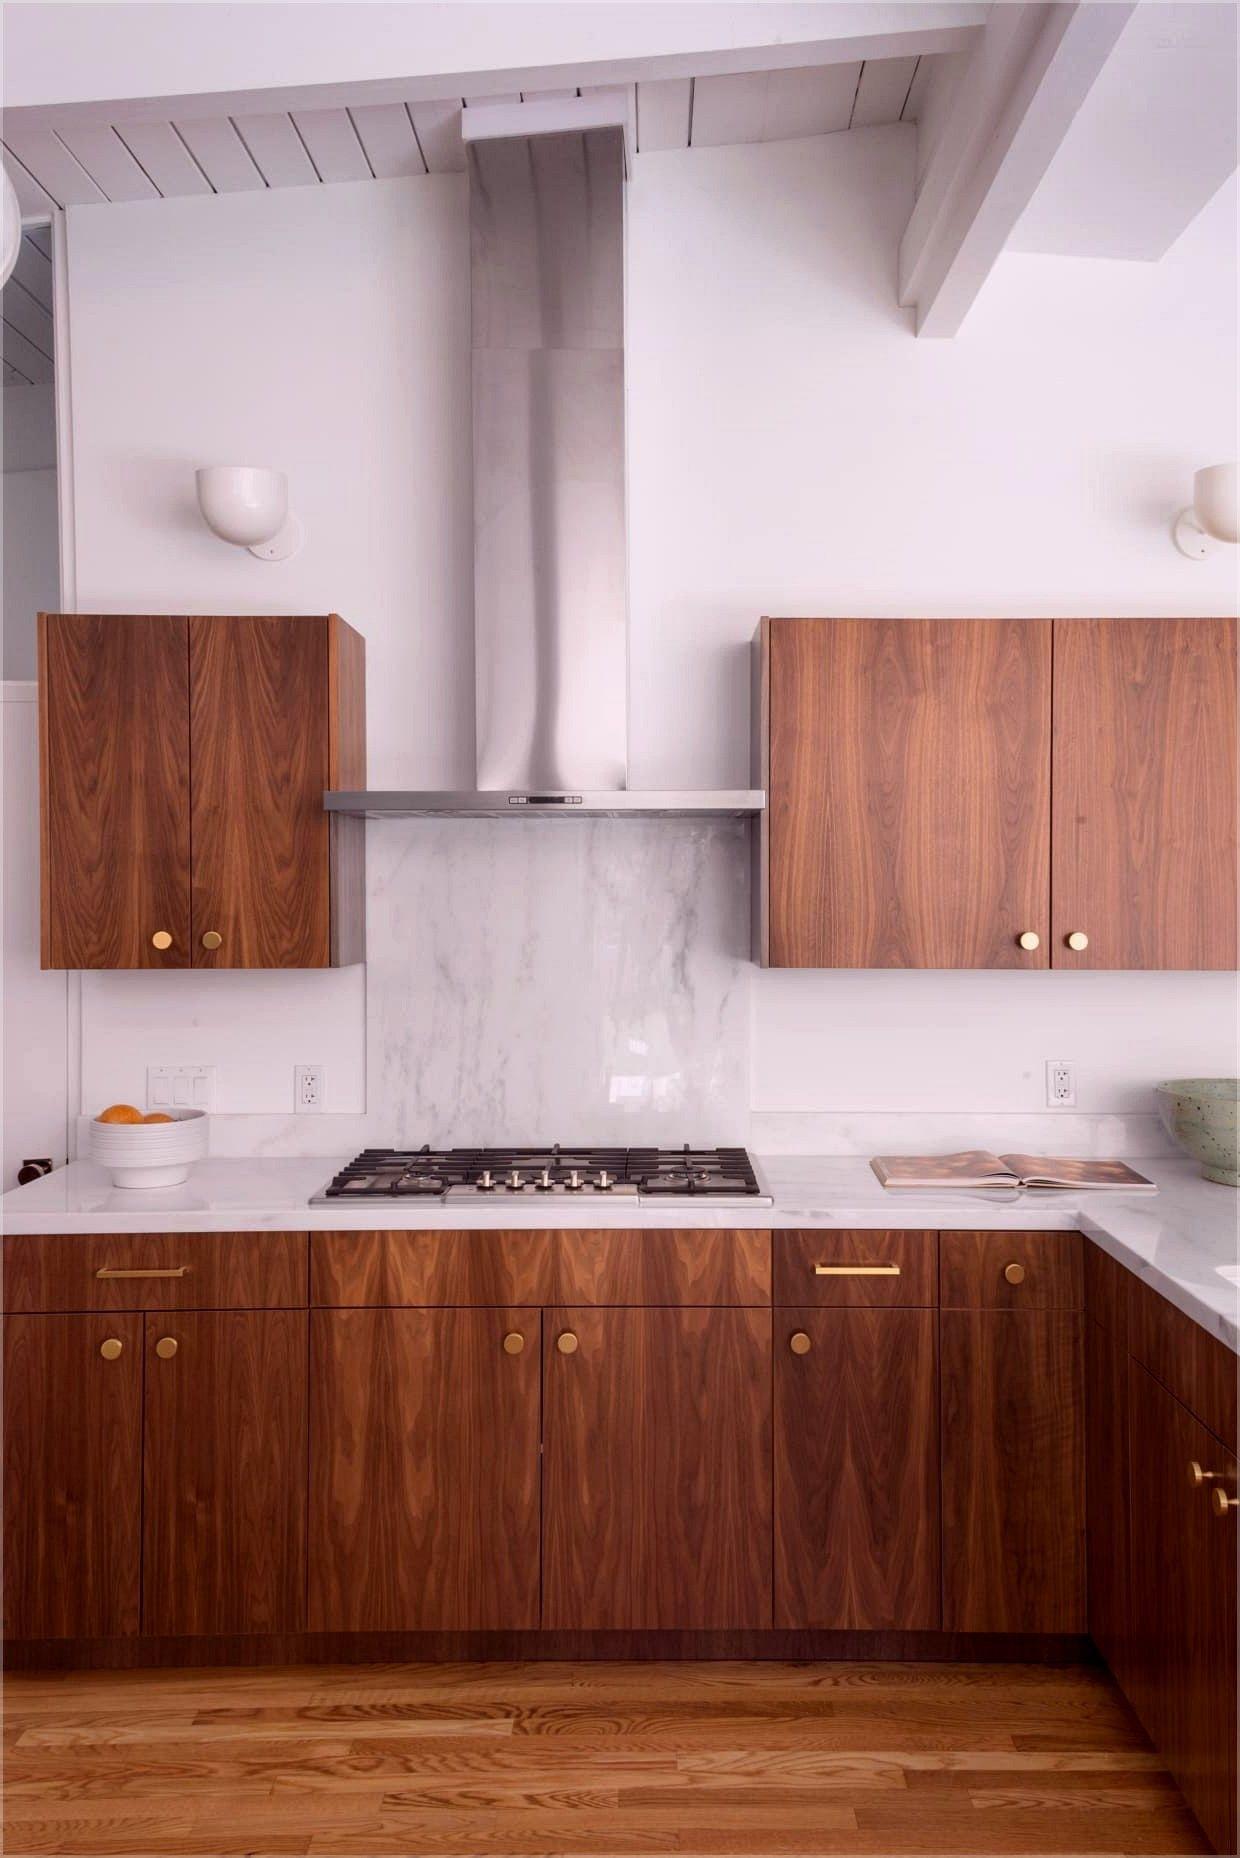 Super 26 Best Kitchen Decor Design Or Remodel Ideas That Will Download Free Architecture Designs Xoliawazosbritishbridgeorg